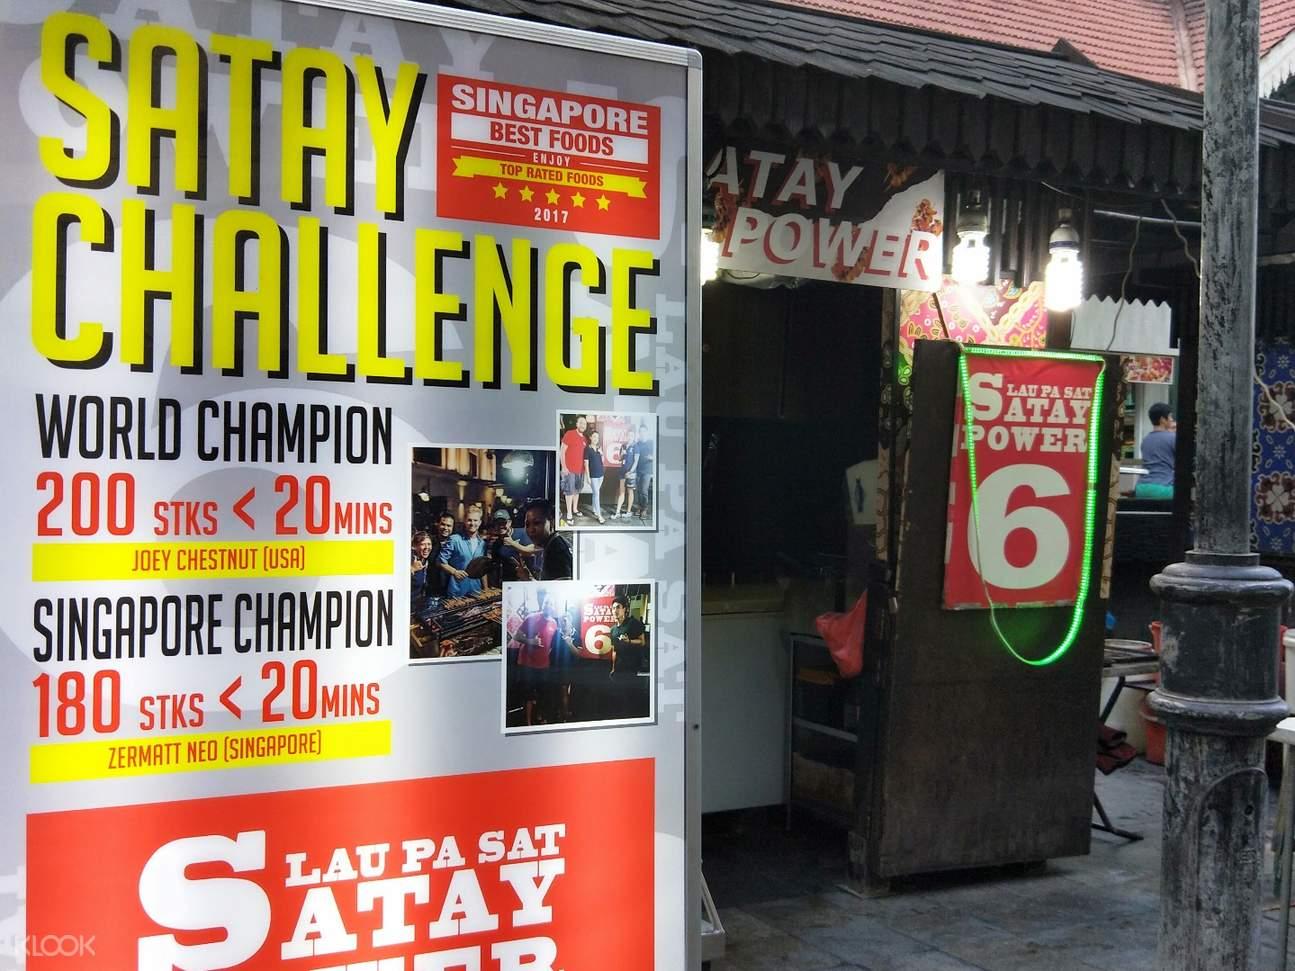 新加坡老巴刹Satay Power 6 - 沙爹俱乐部